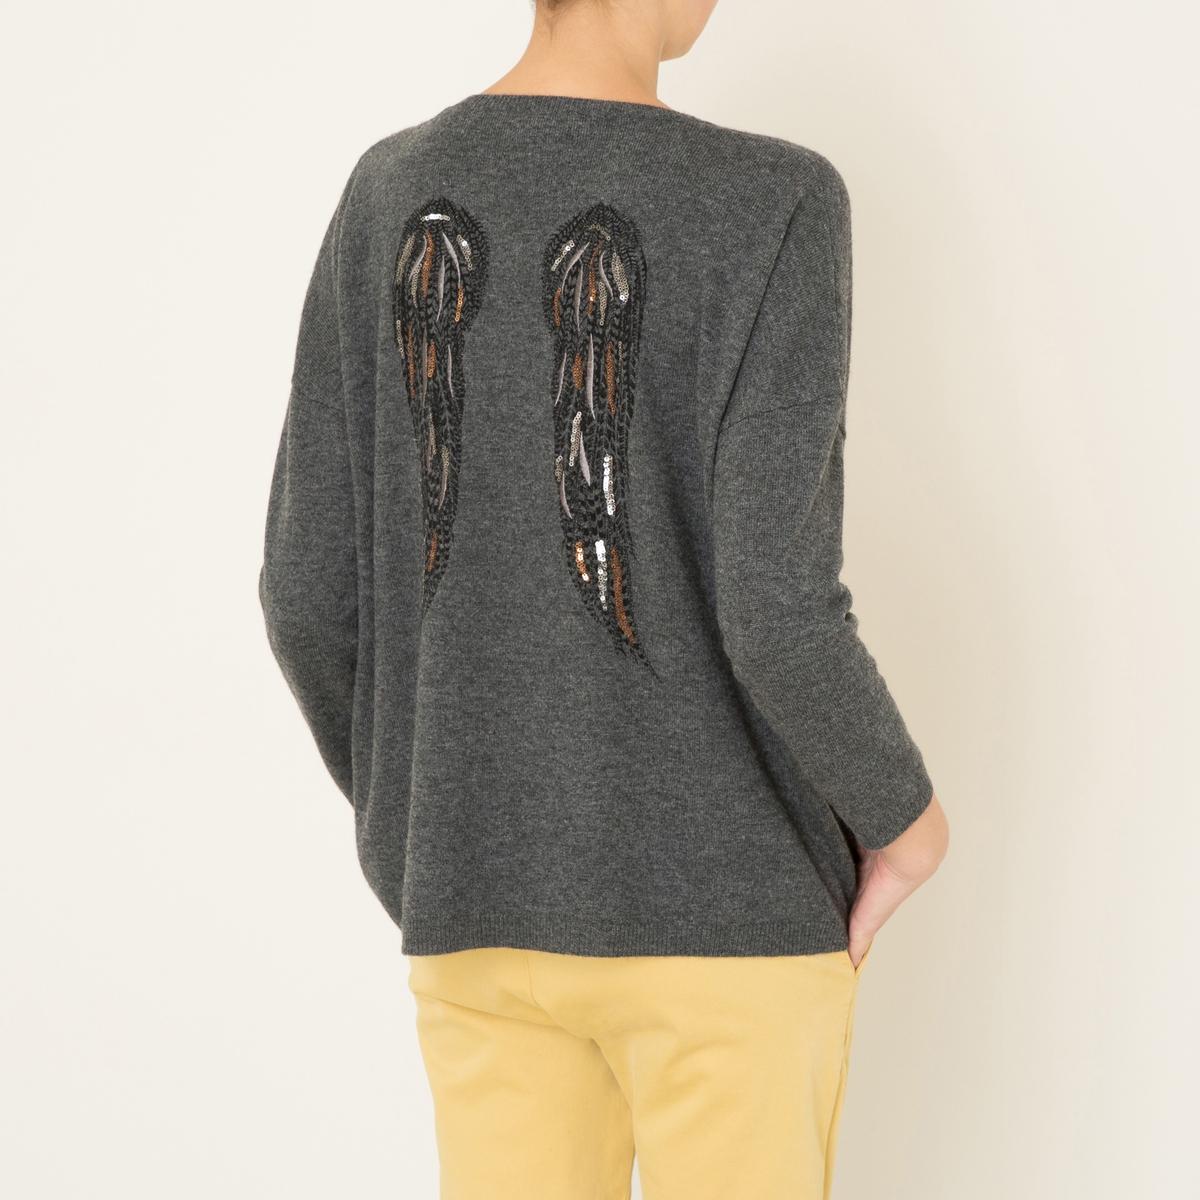 Пуловер INESСостав и описание :Материал : меланжевый трикотаж 90% шерсти, 10% кашемираМарка : BERENICE<br><br>Цвет: антрацит